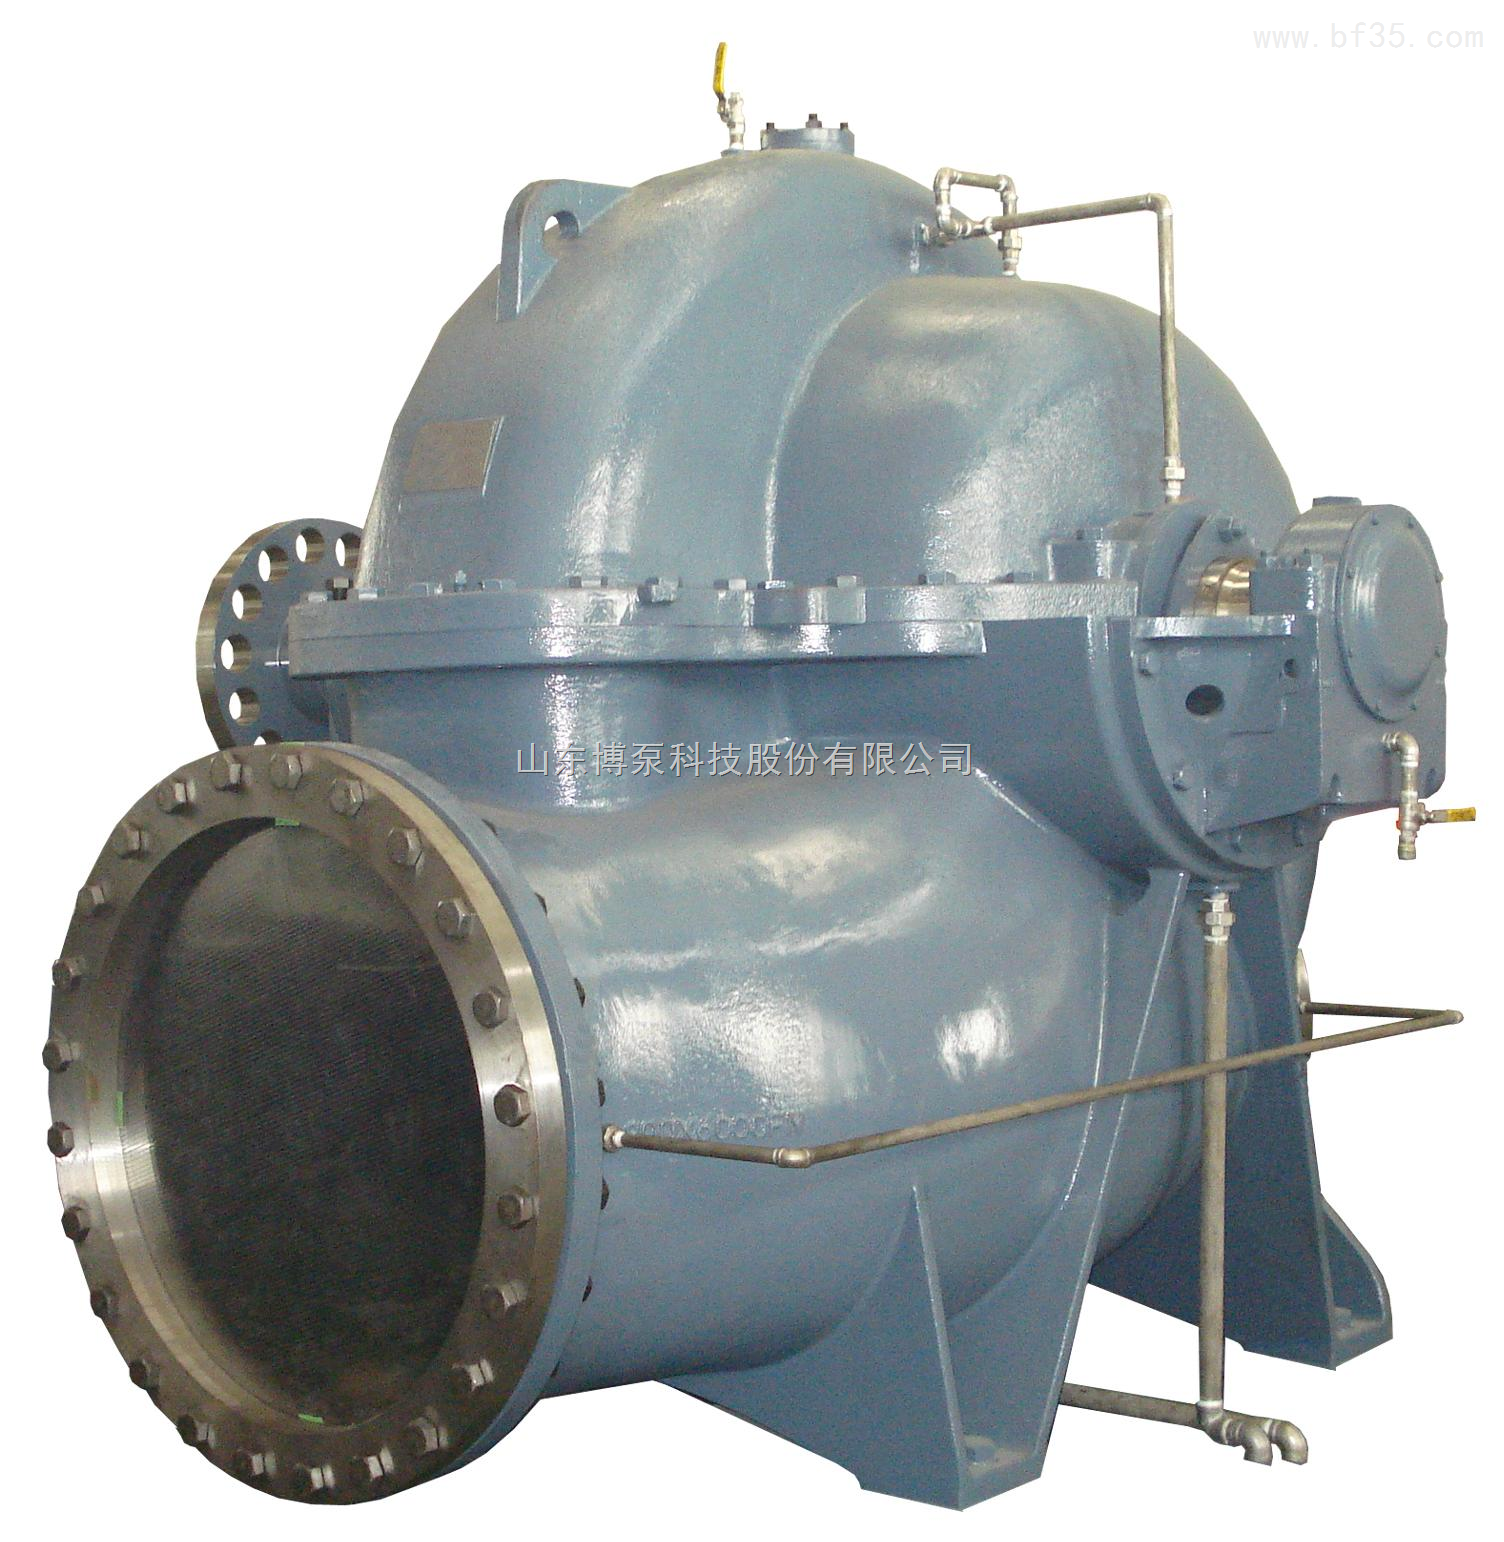 单级、双吸水平中开式离心泵 淄博水泵 博泵科技